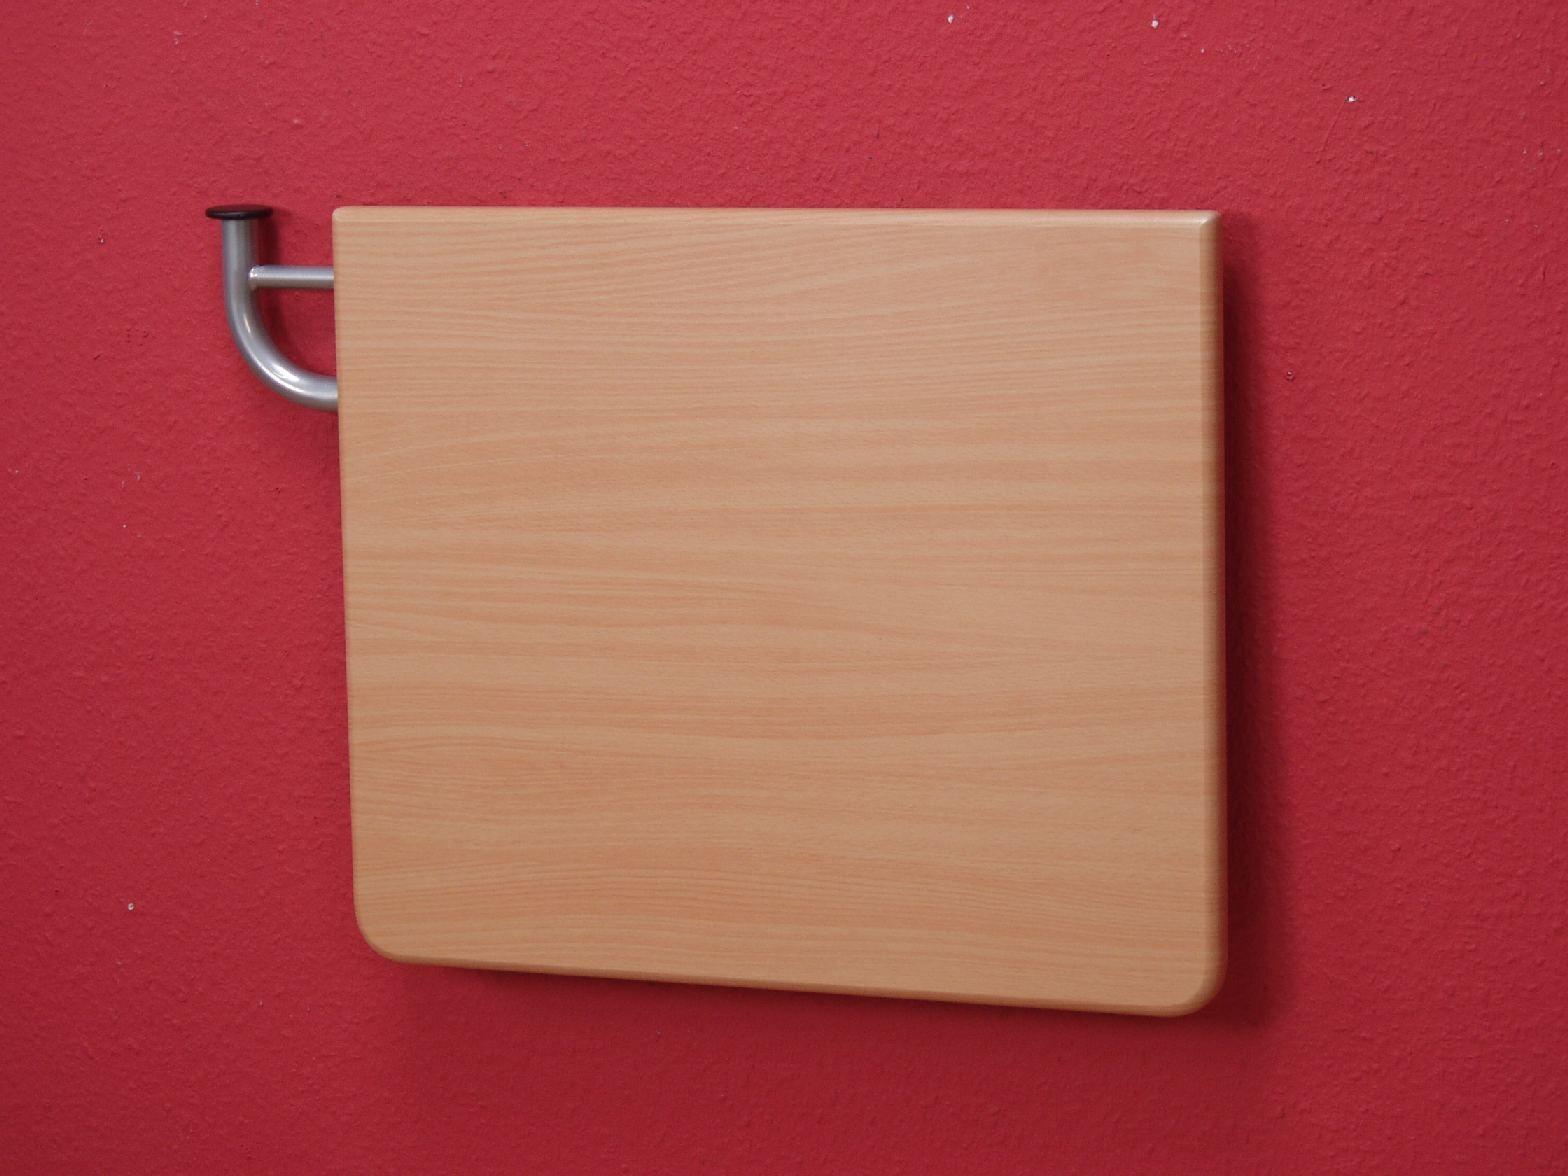 Wandklapptisch Klappbar Wandtisch Tisch Klapptisch Regal Theke Kuchentisch Kaufen Bei Go Perfect